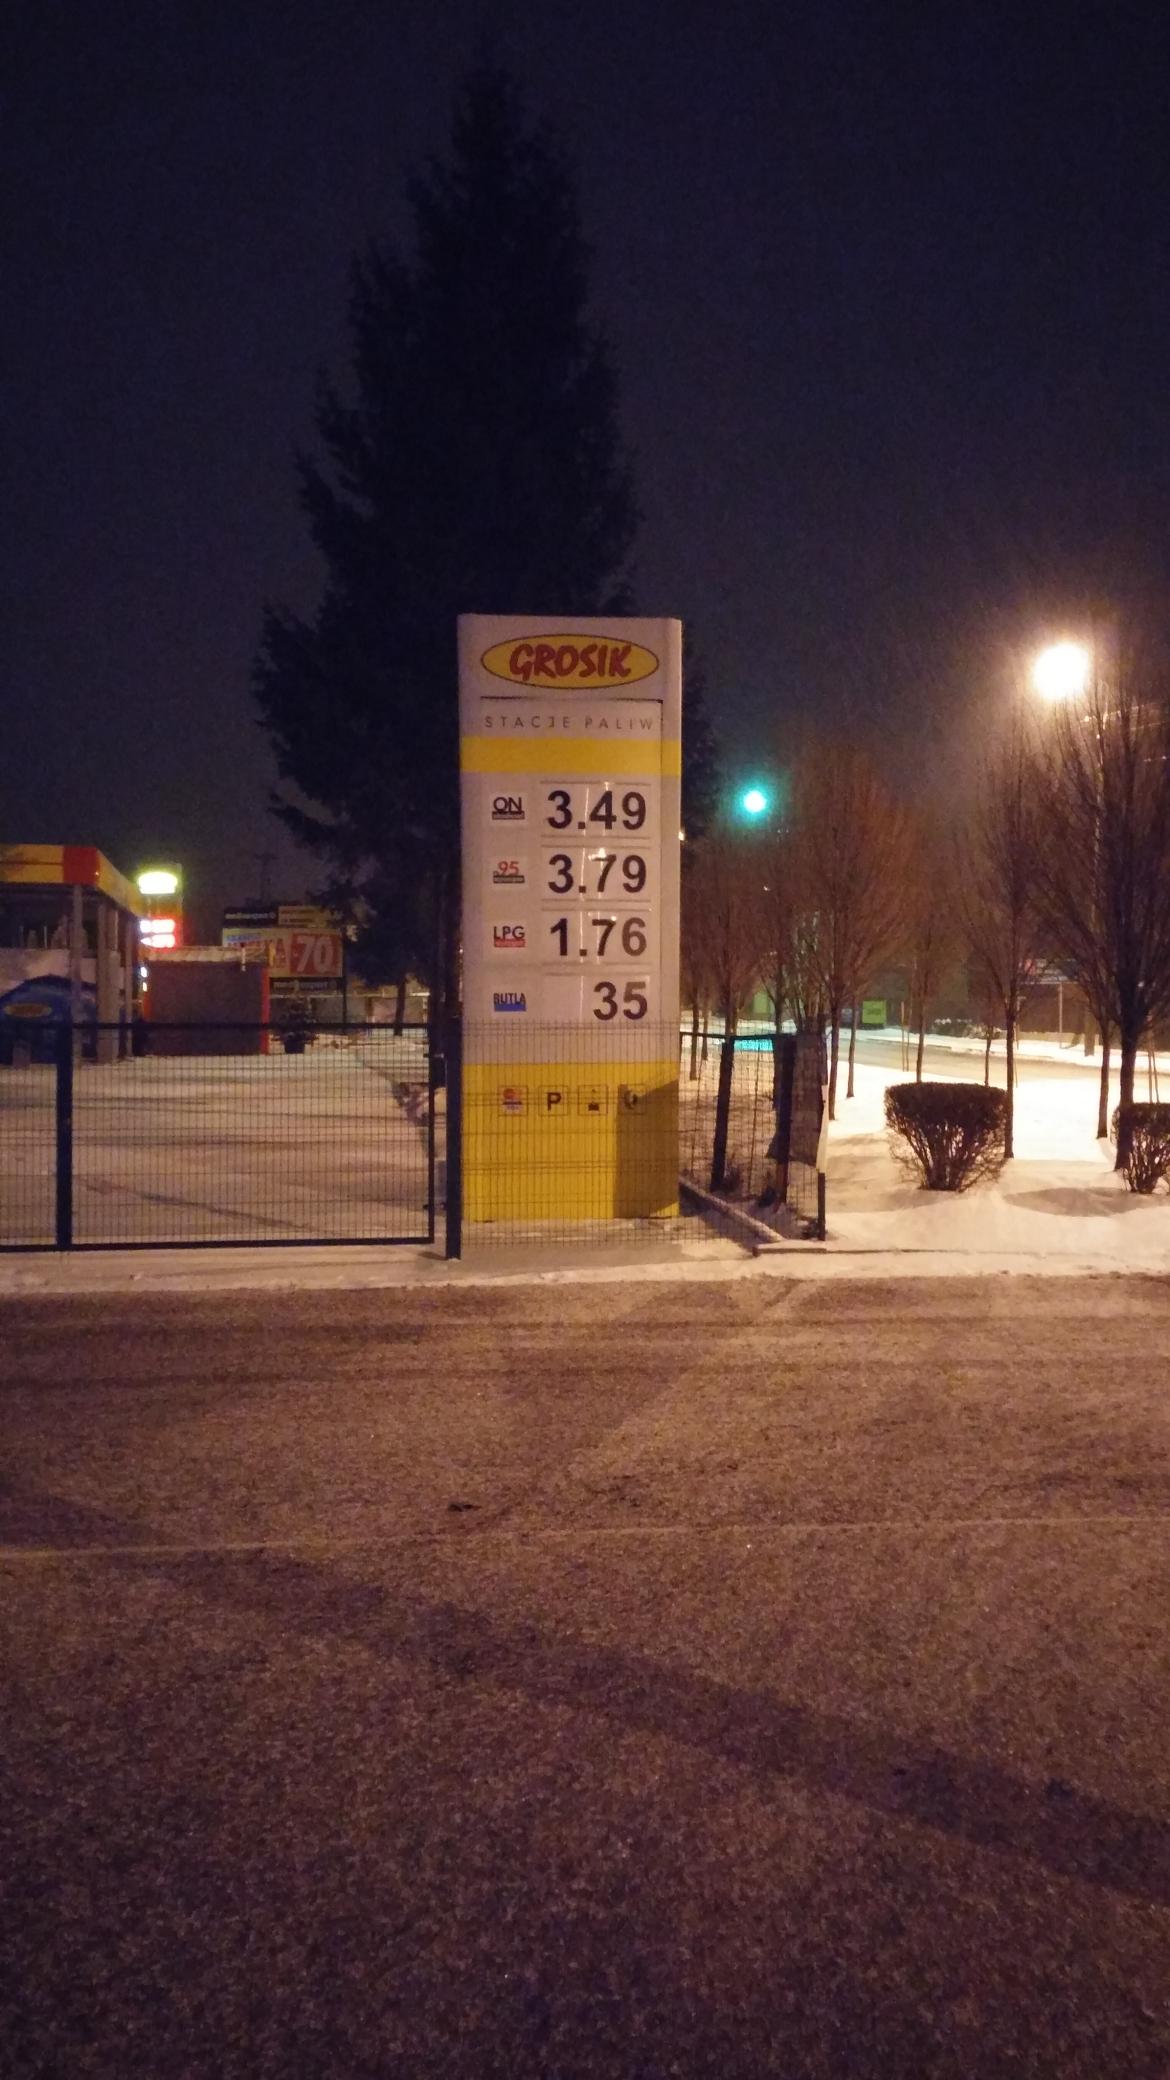 Paliwa ON 3.49 Pb95 3.79 Stacja Grosik